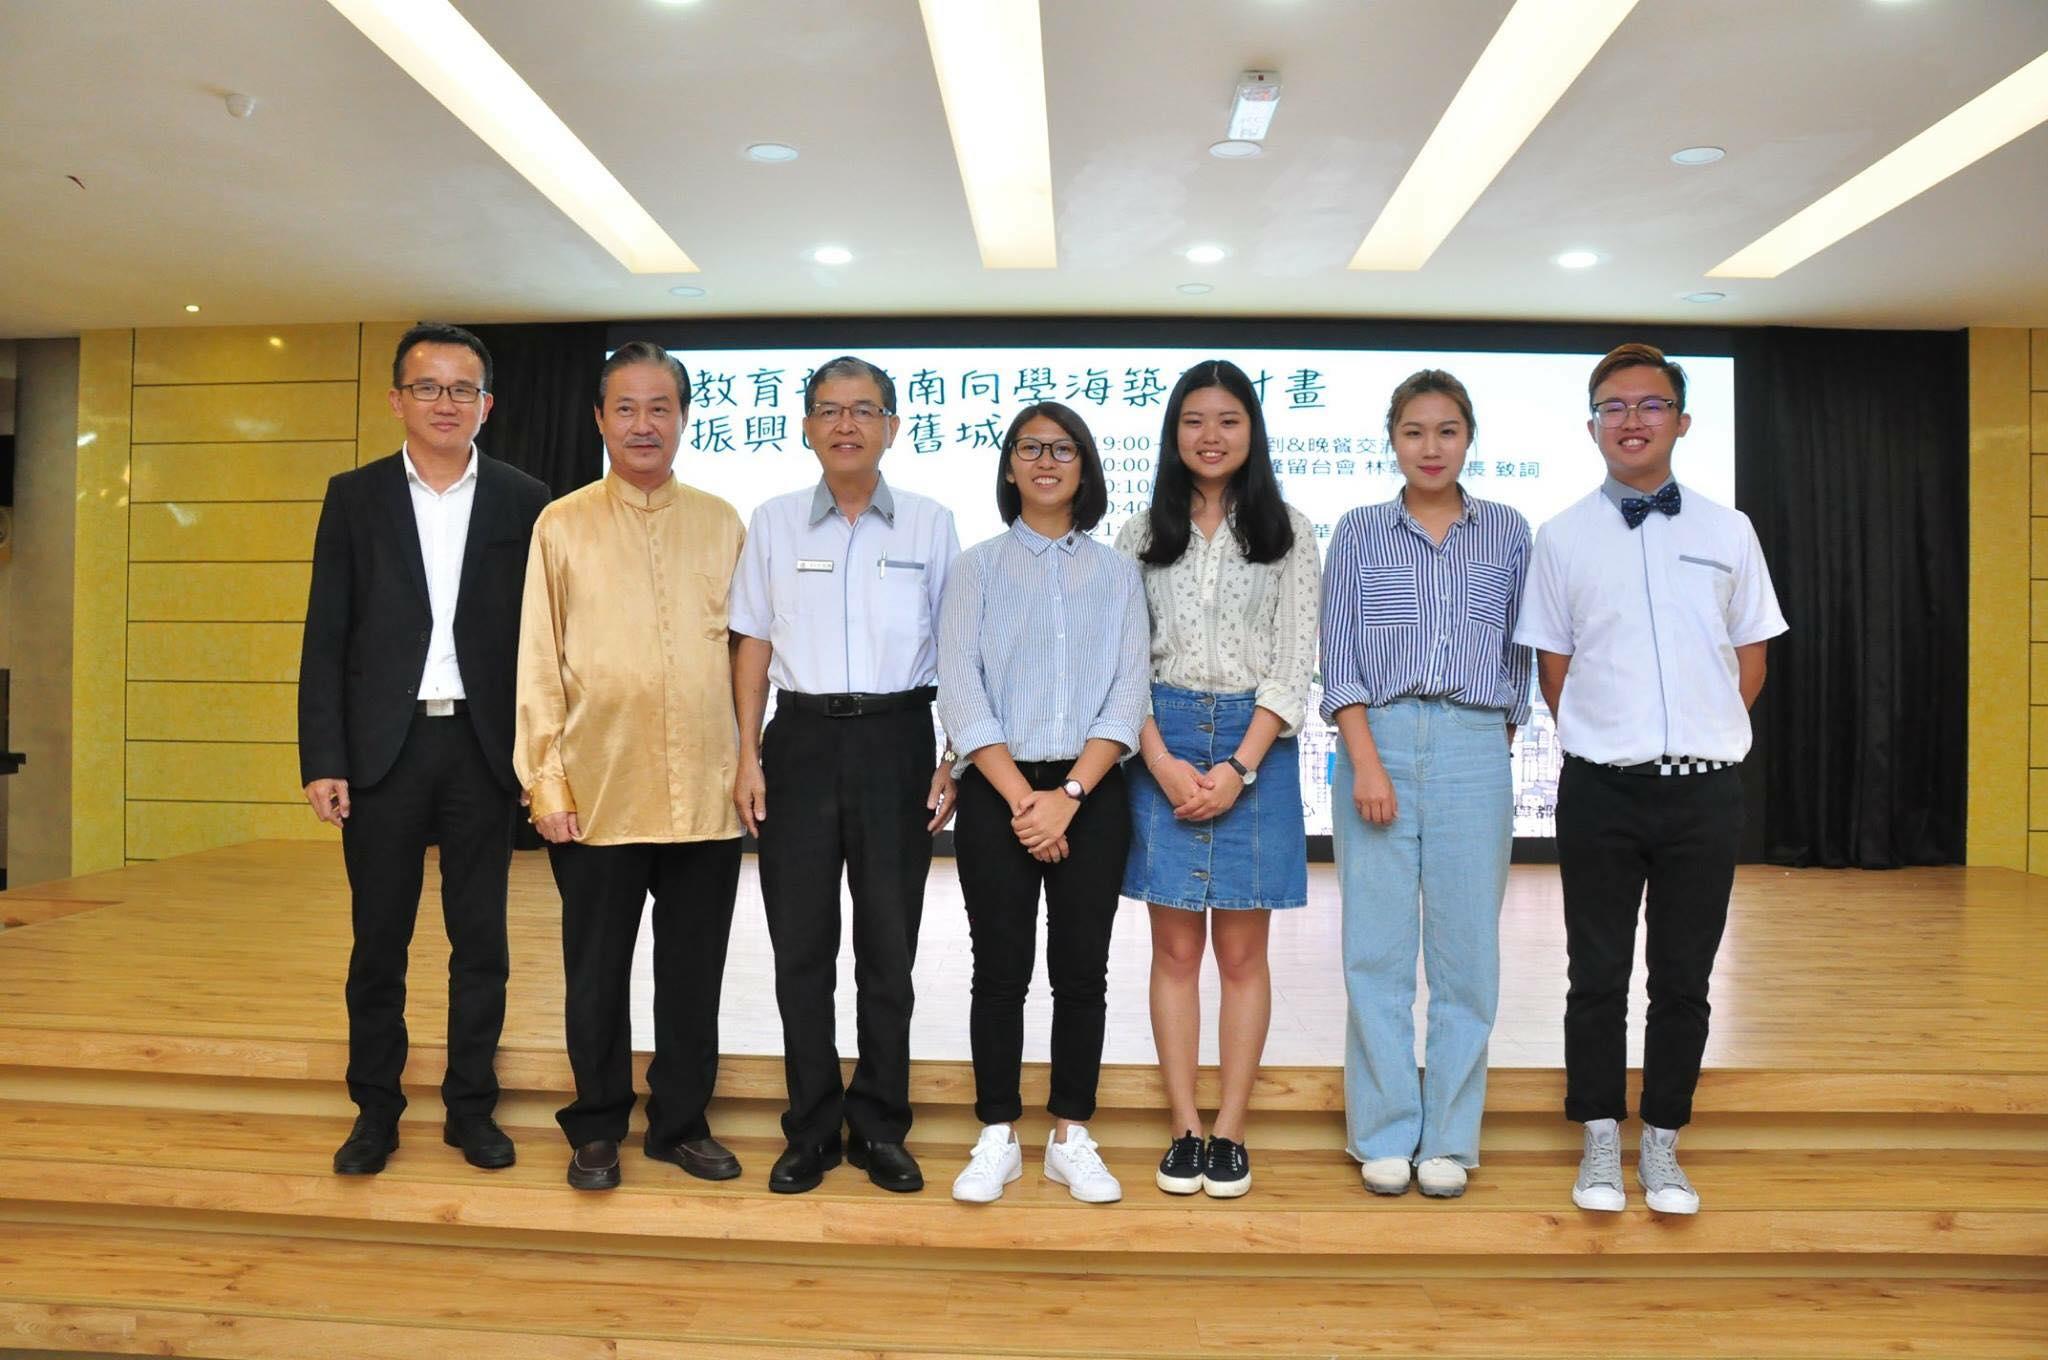 復興馬來西亞巴生老城市,中華大學建築系學生跨海獻策-中華大學